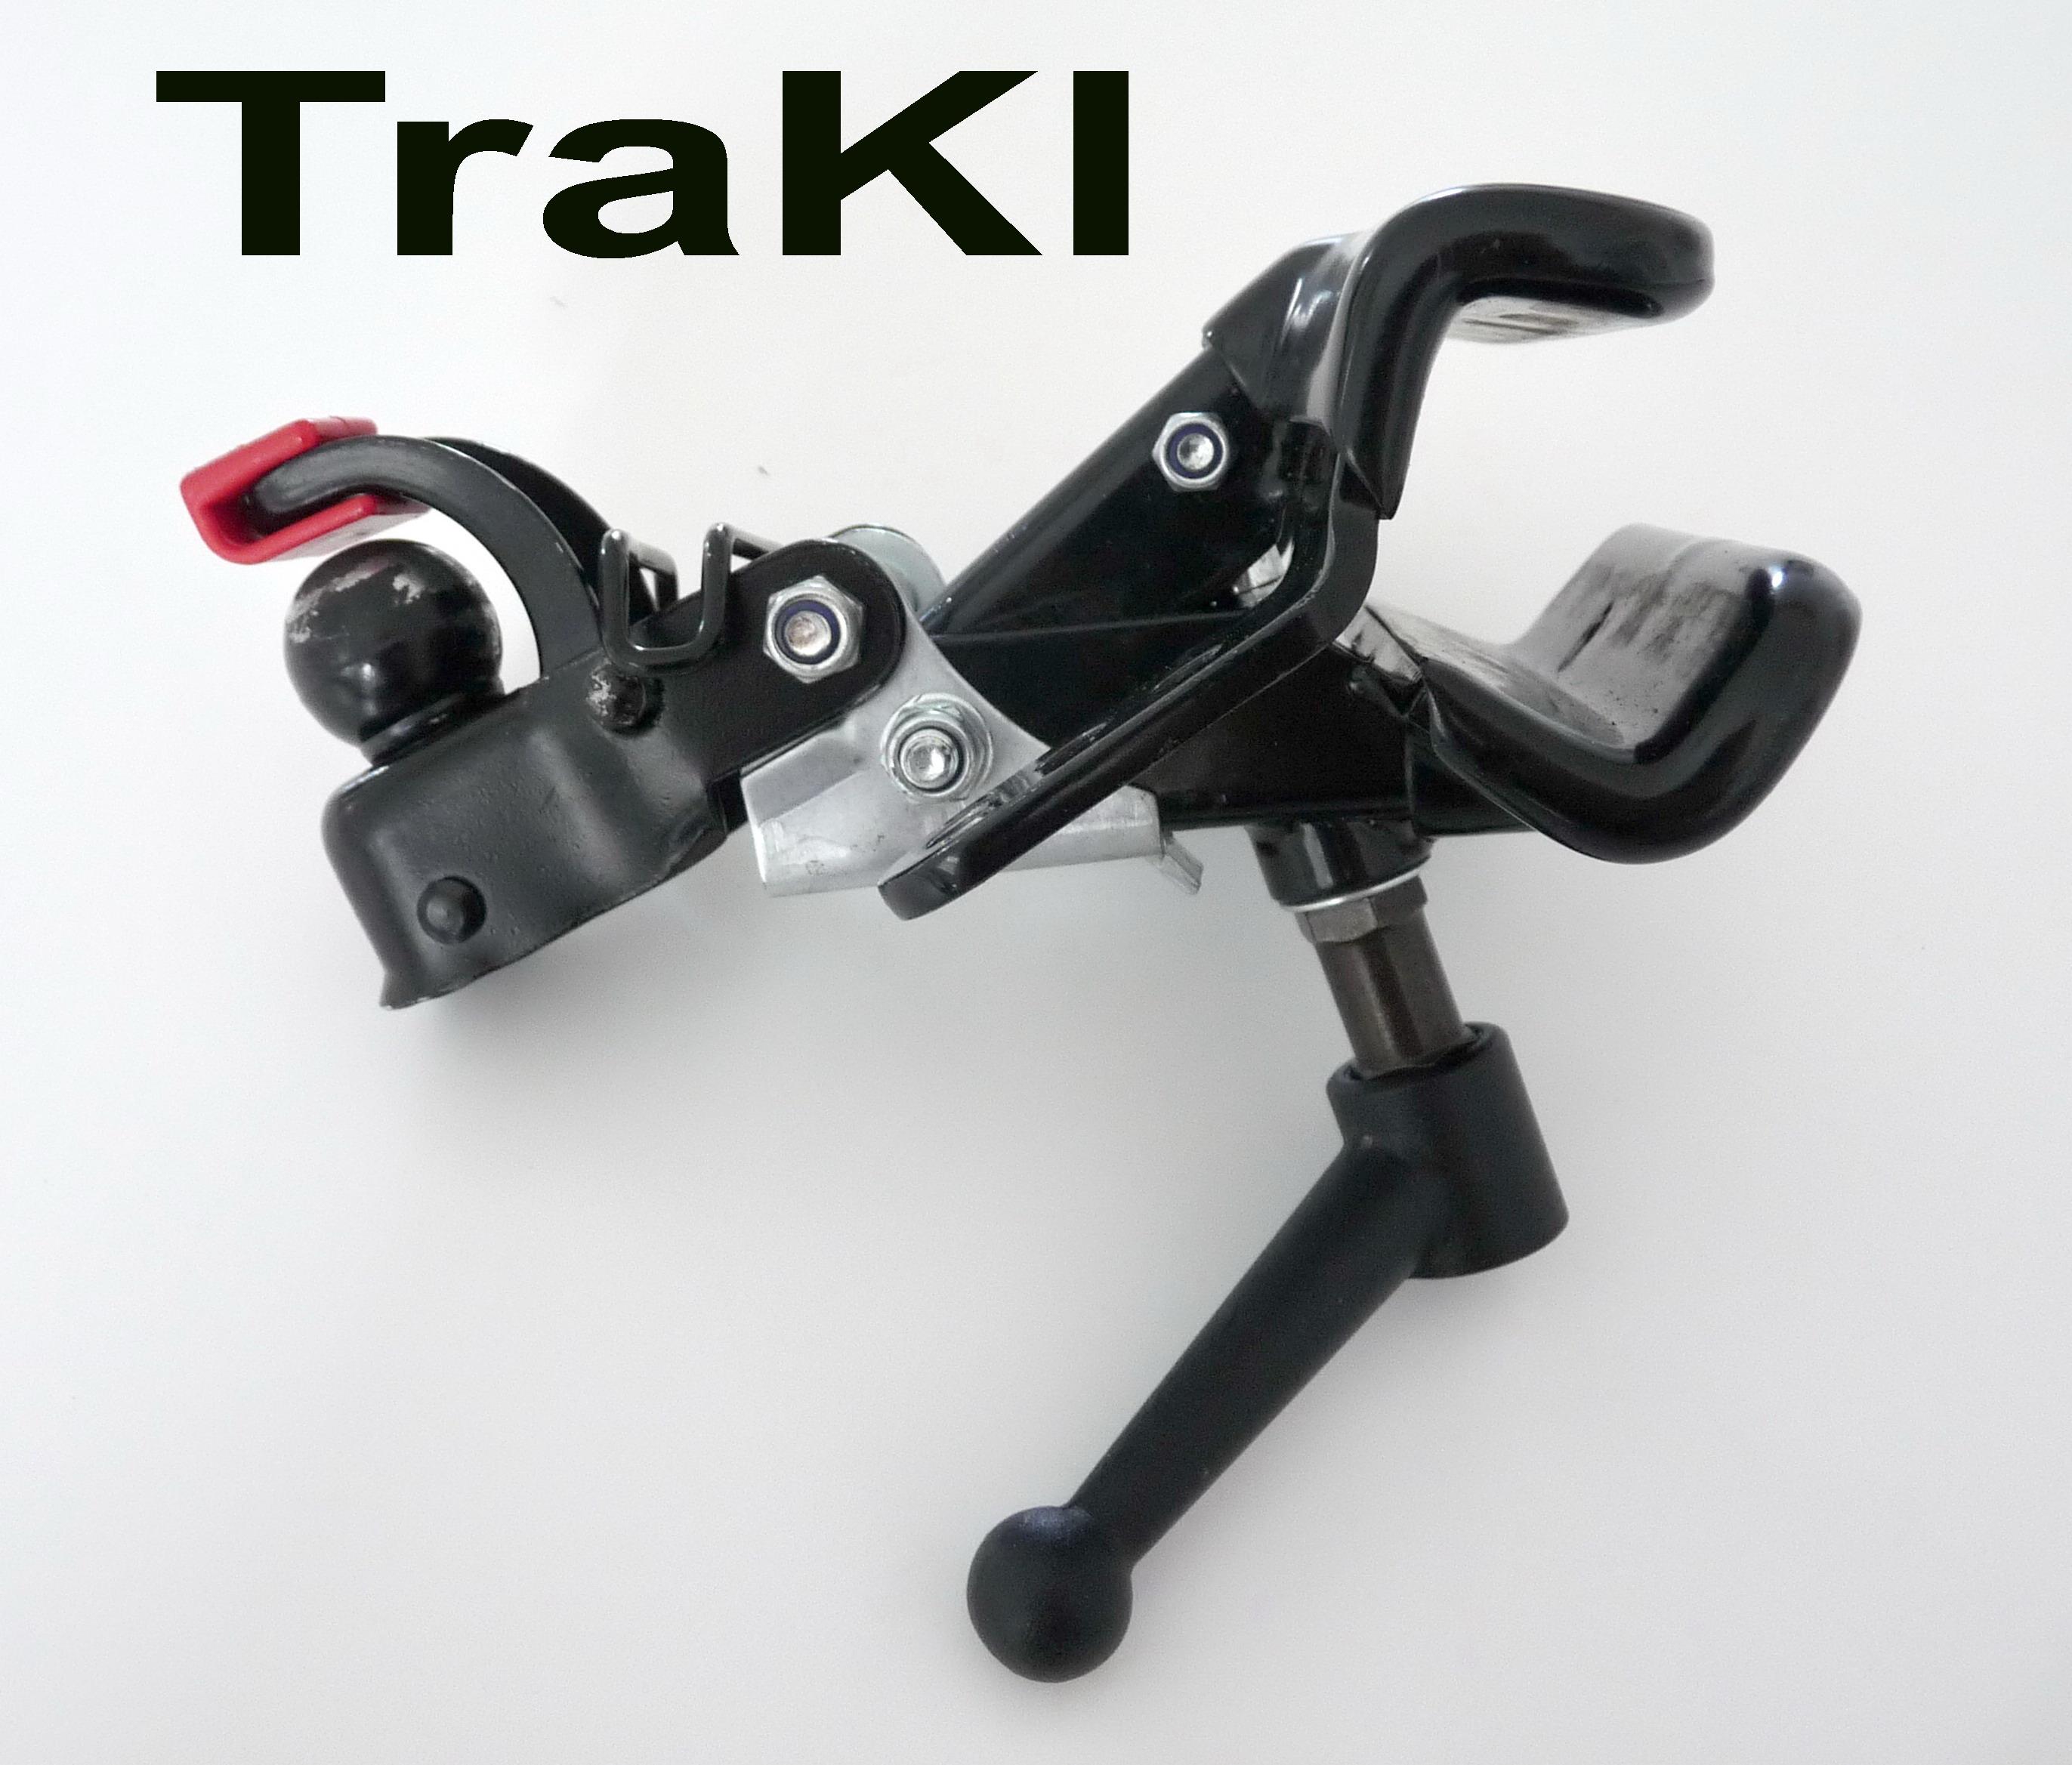 TraKl